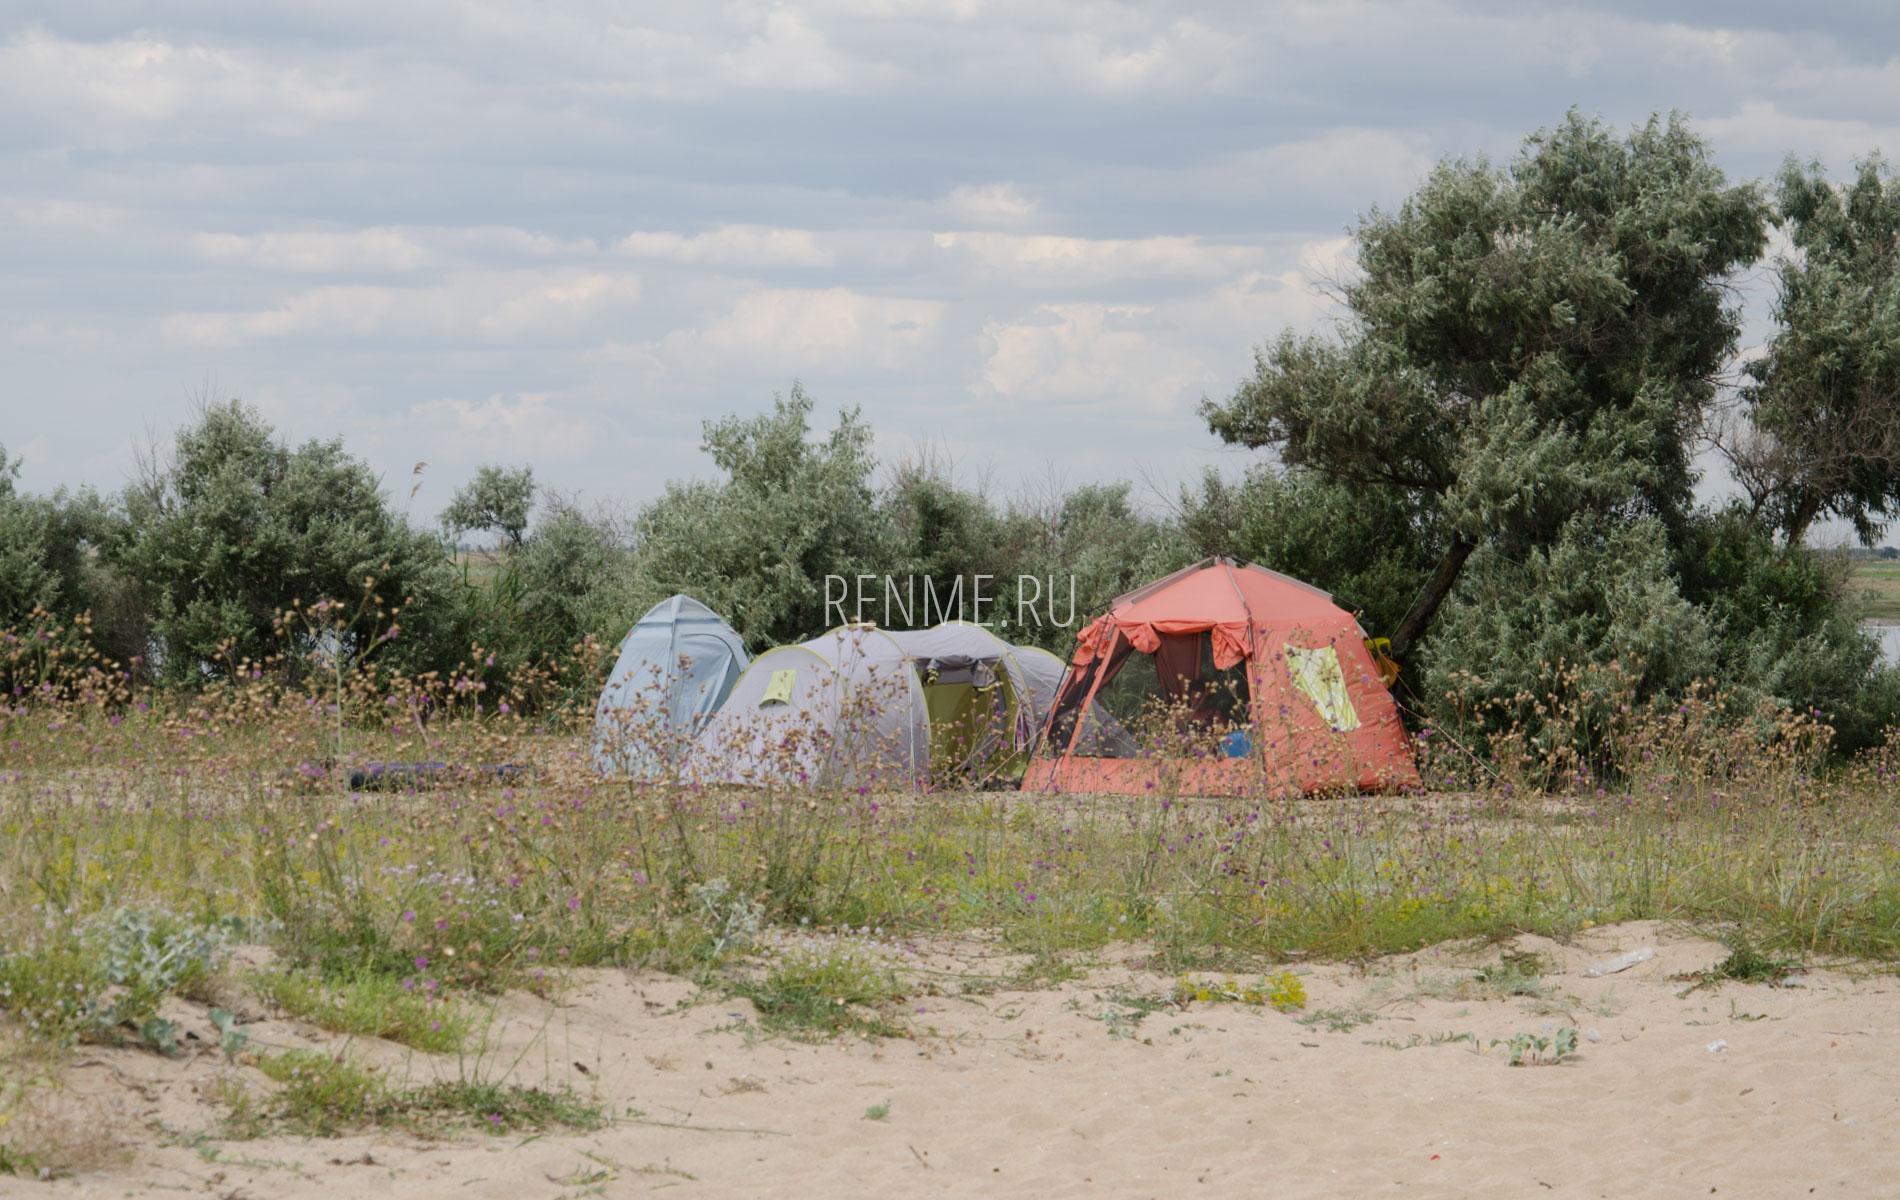 Дикий пляж с палаткой. Фото Заозёрного